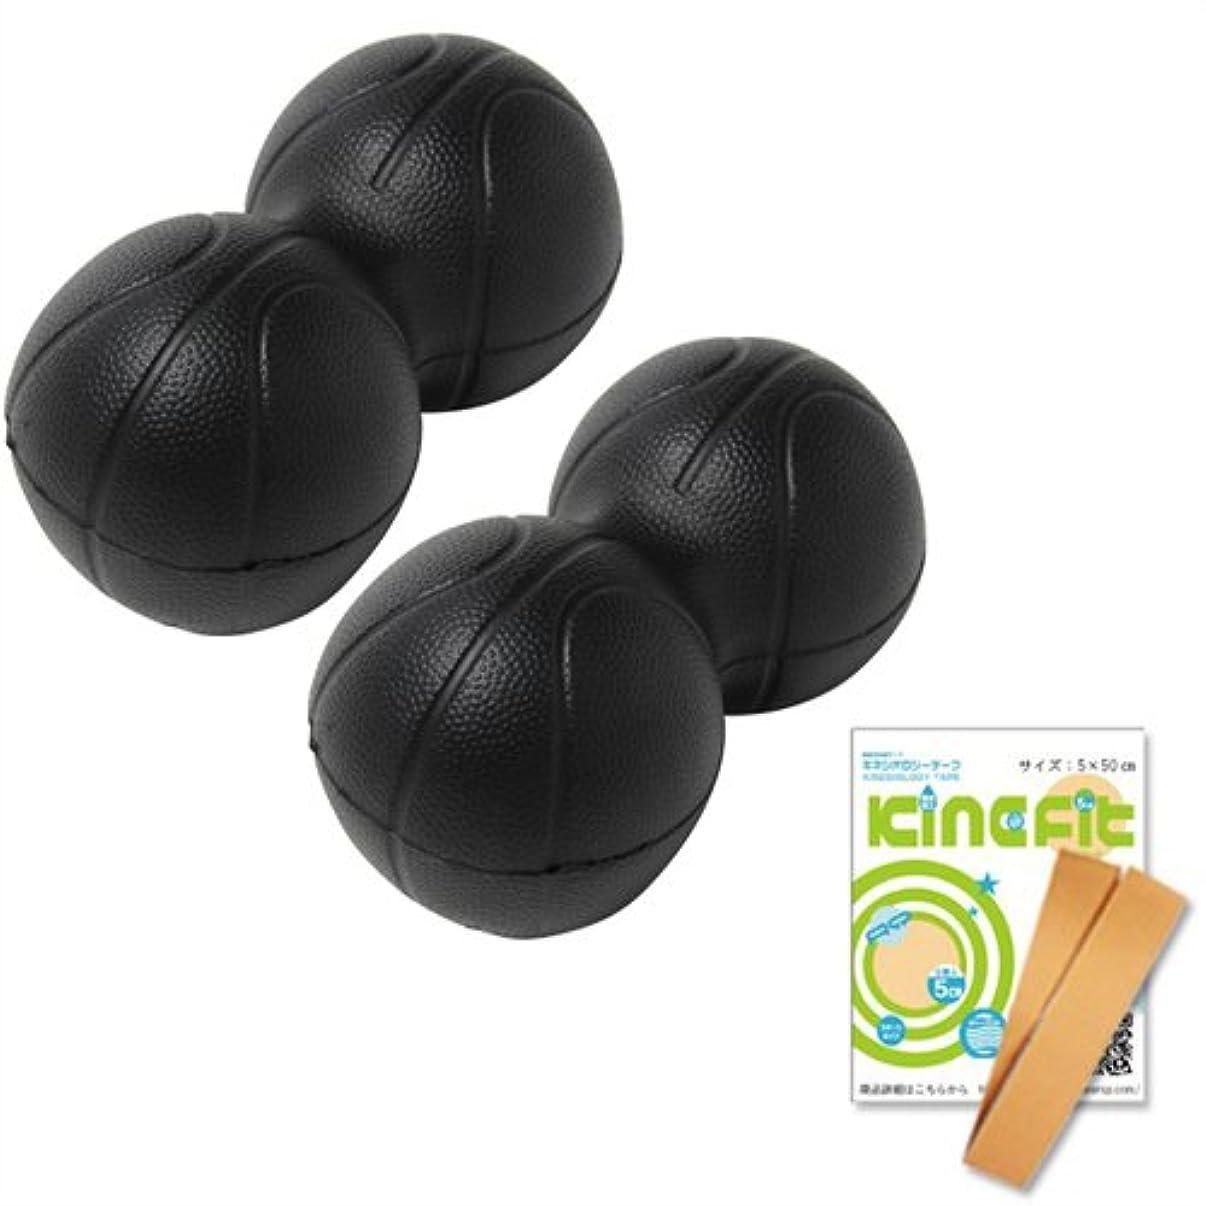 他のバンドでライラック繰り返したパワーポジションボール ×2個セット + キネシオロジーテープ キネフィットお試し用50cm セット